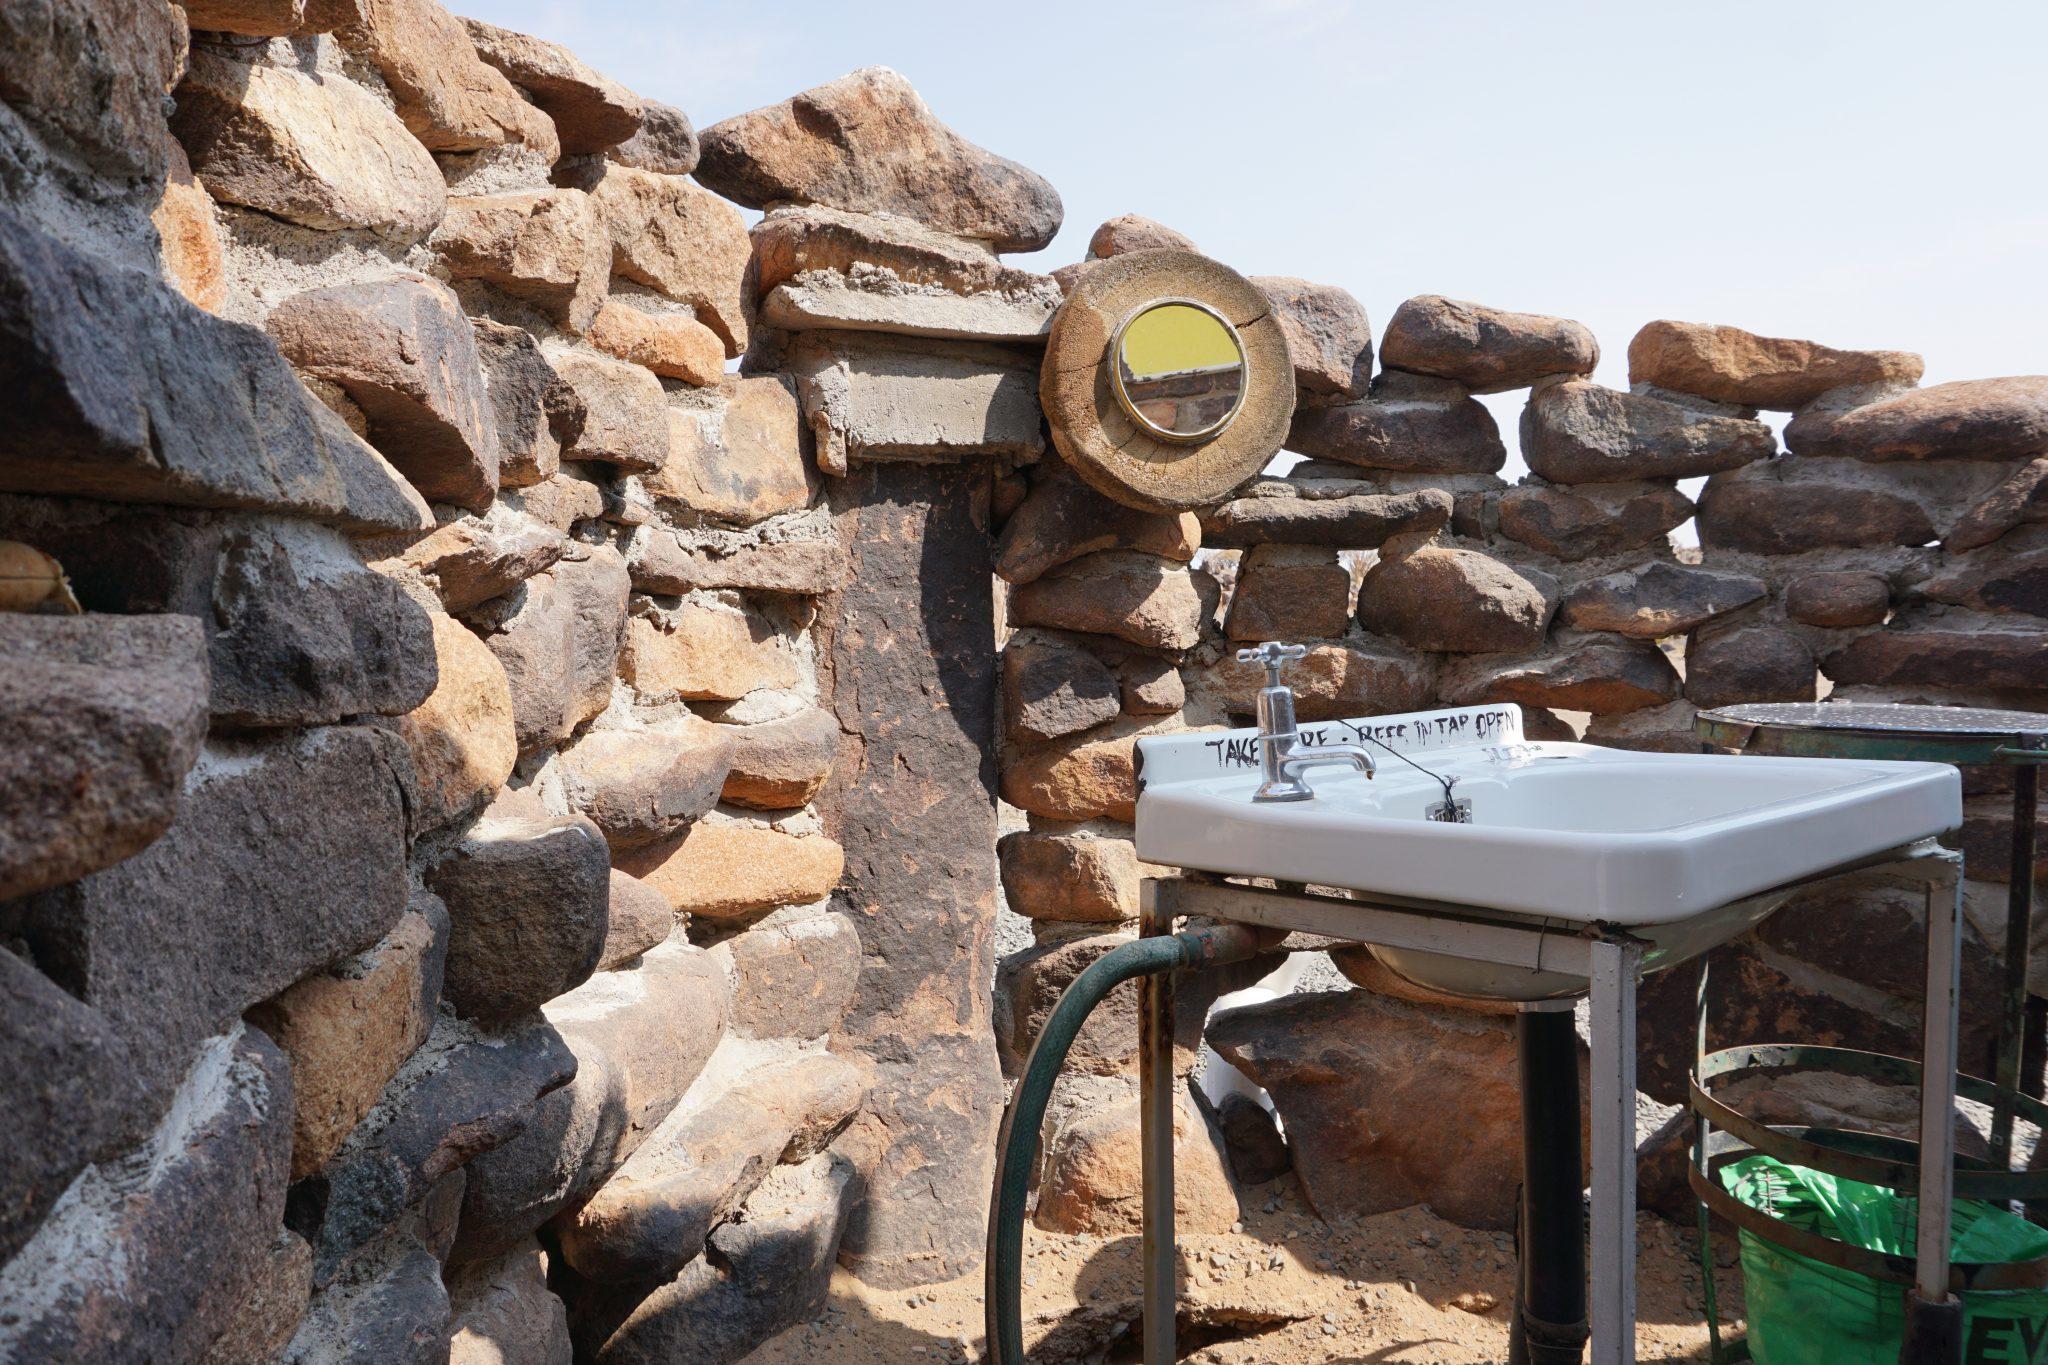 Namibia Reise: Campsite Waschbecken